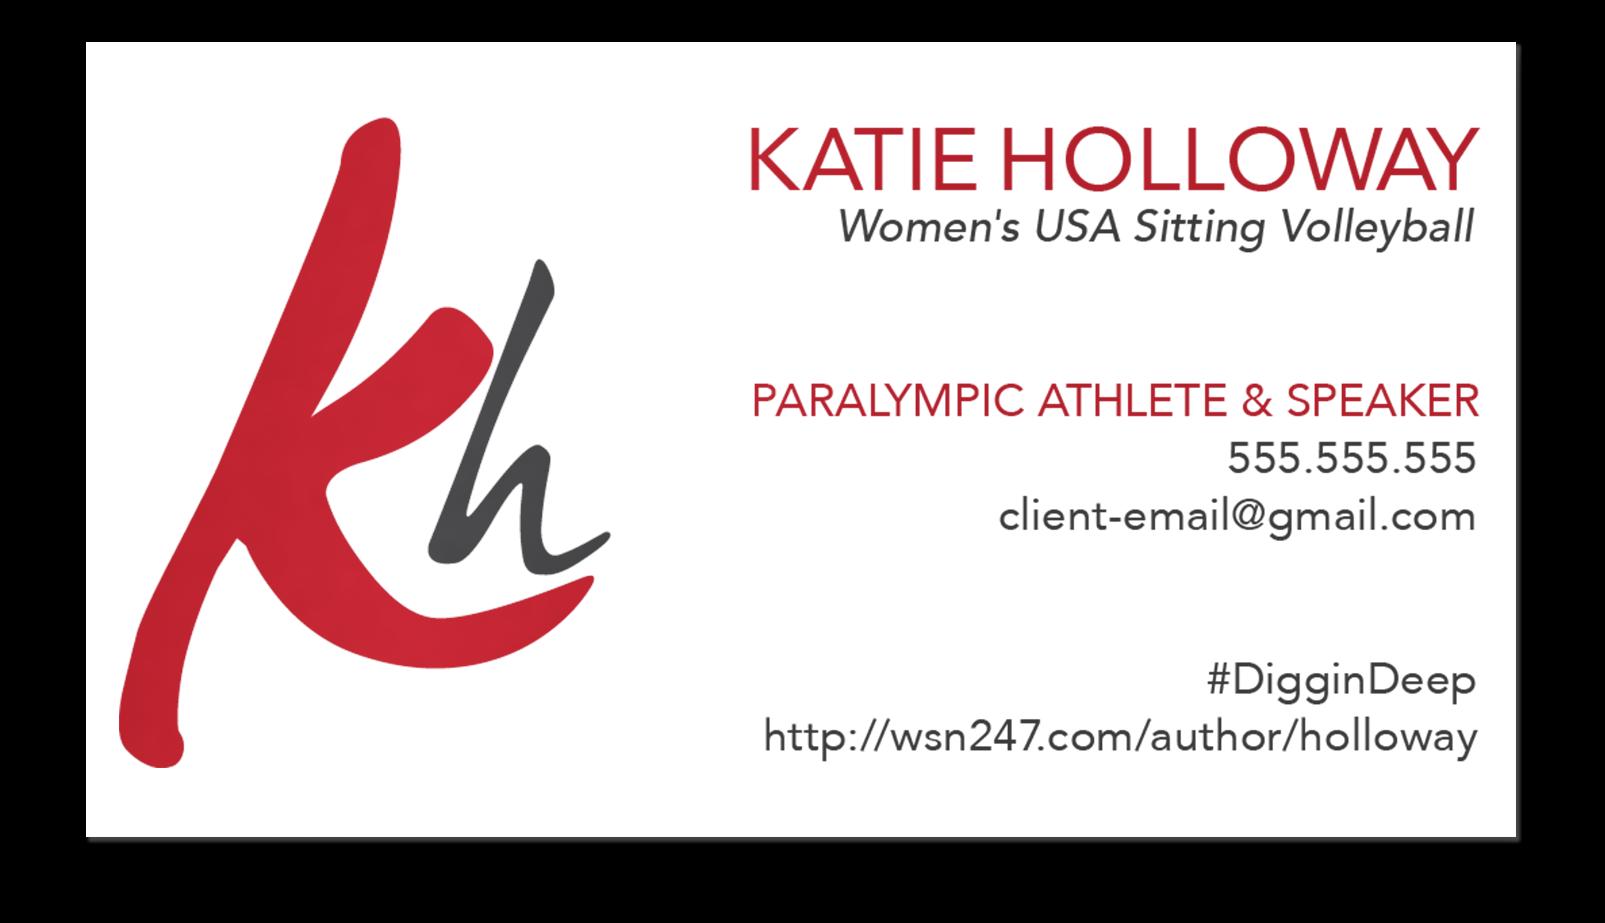 Katie Holloway - 1